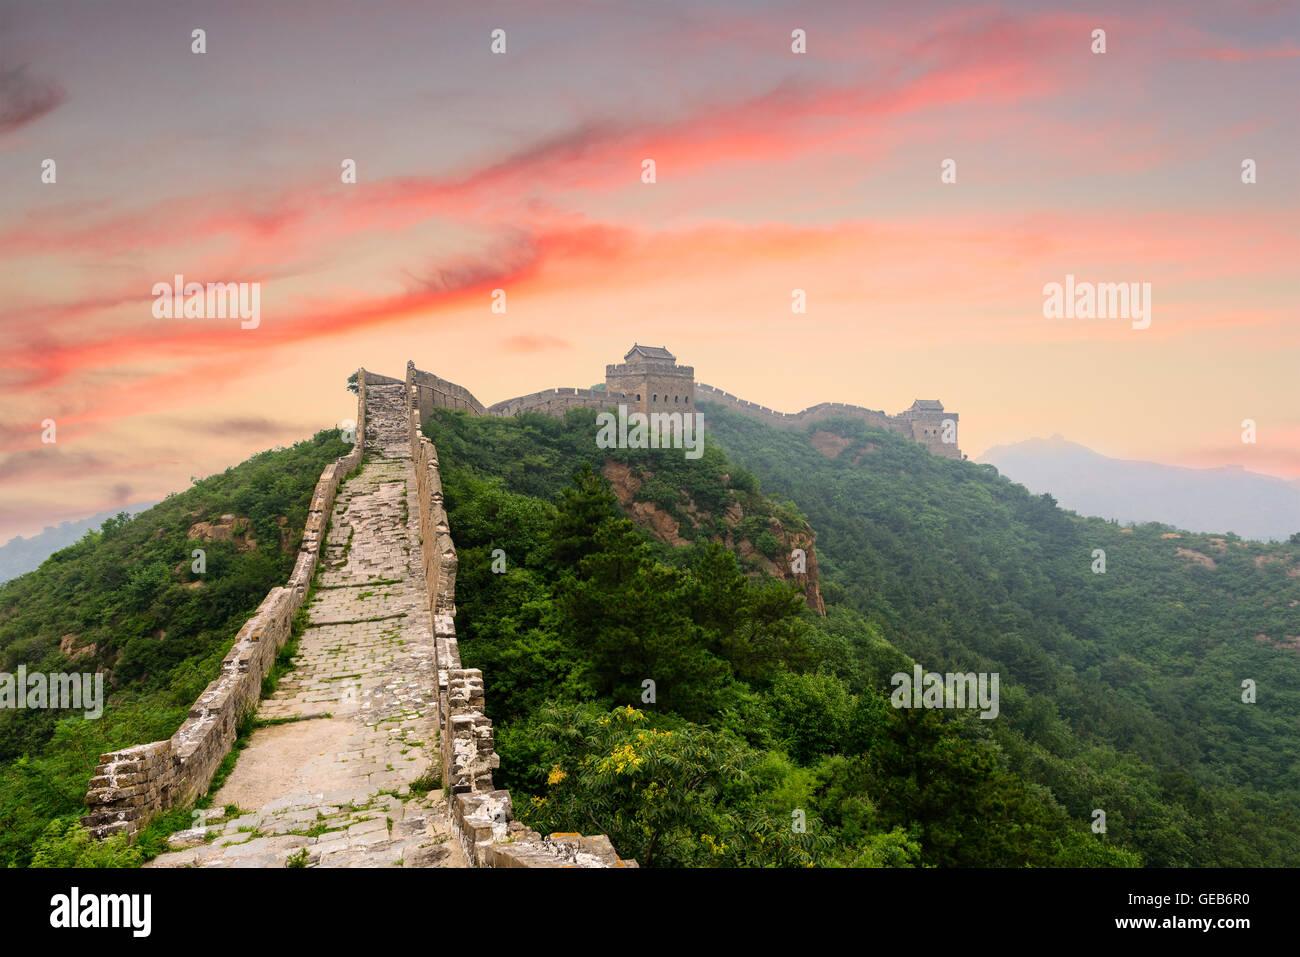 Chinesische Mauer im Abschnitt Jinshanling. Stockbild